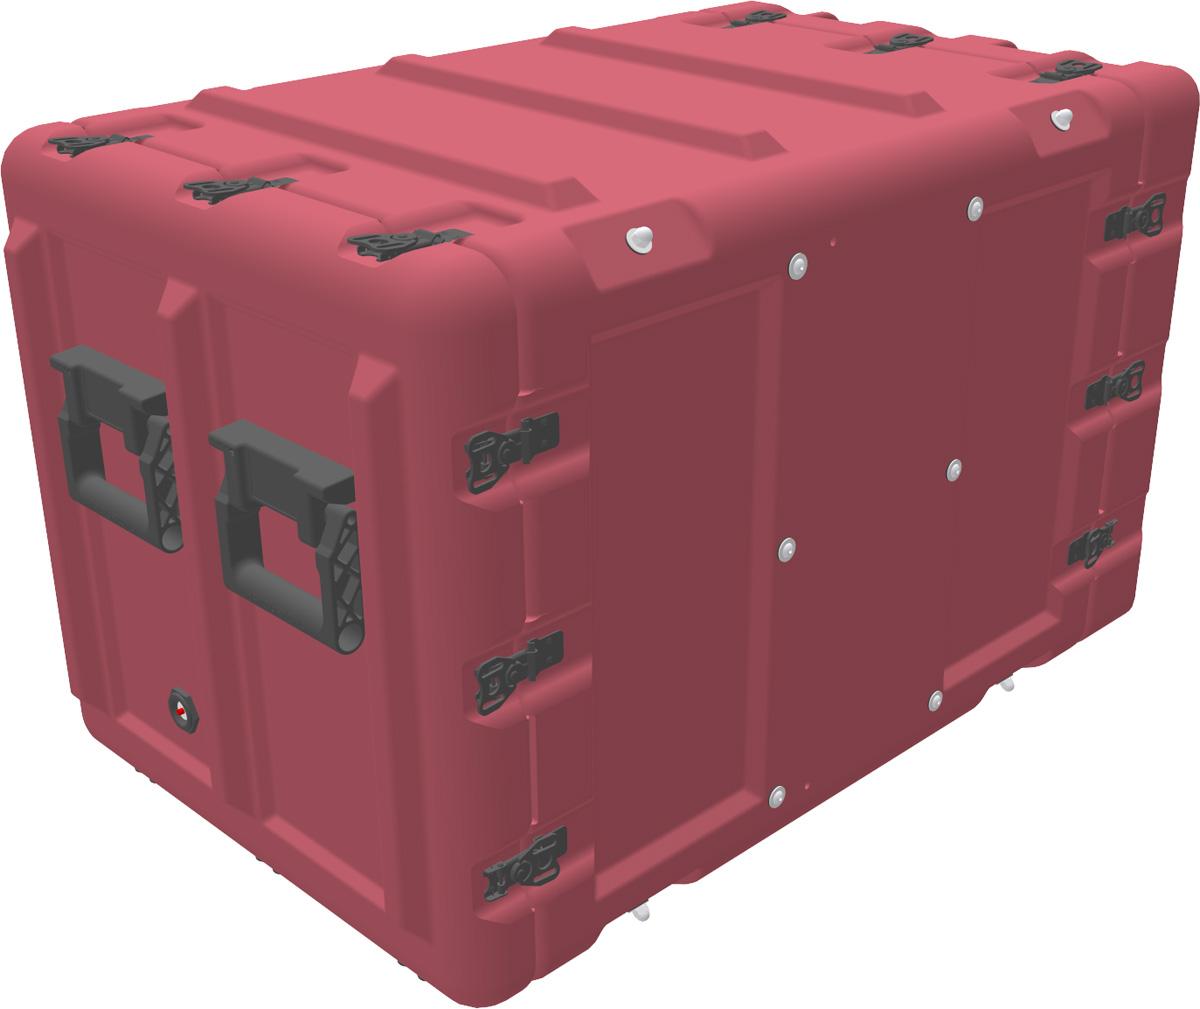 peli min mac rack case mr10u-40-610-100